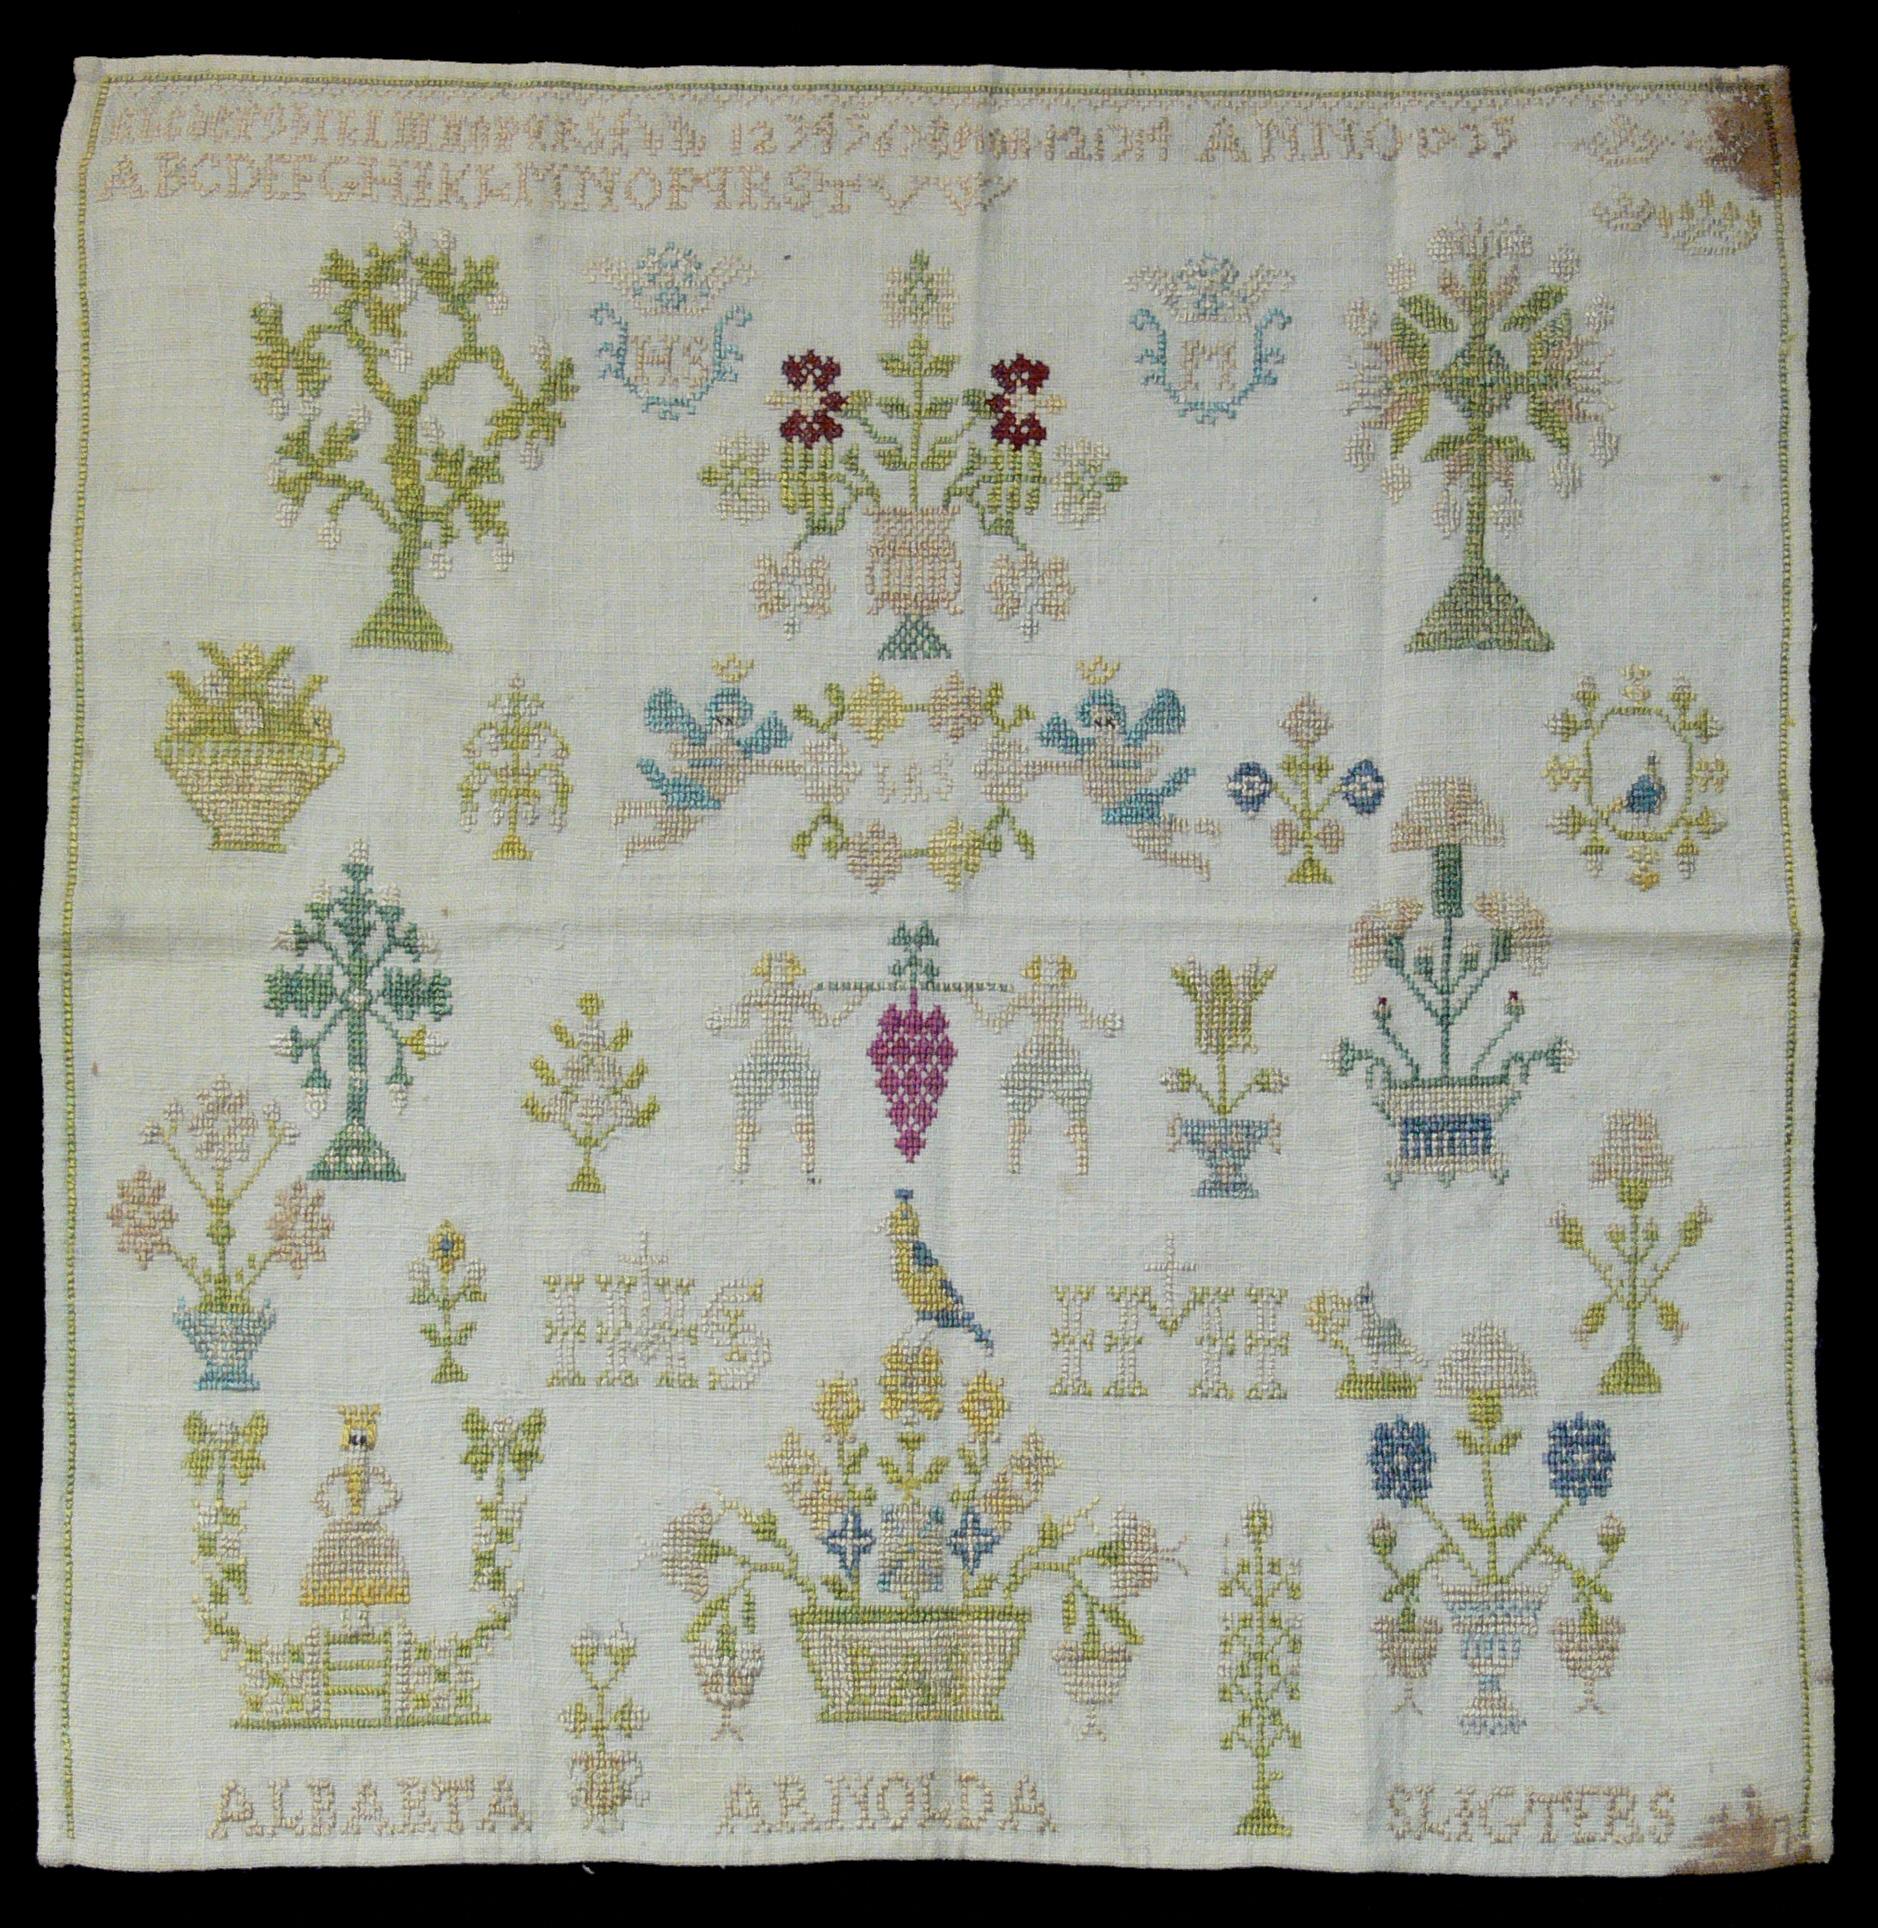 Palestinian Embroidery Patterns Cross Stitch Wikipedia